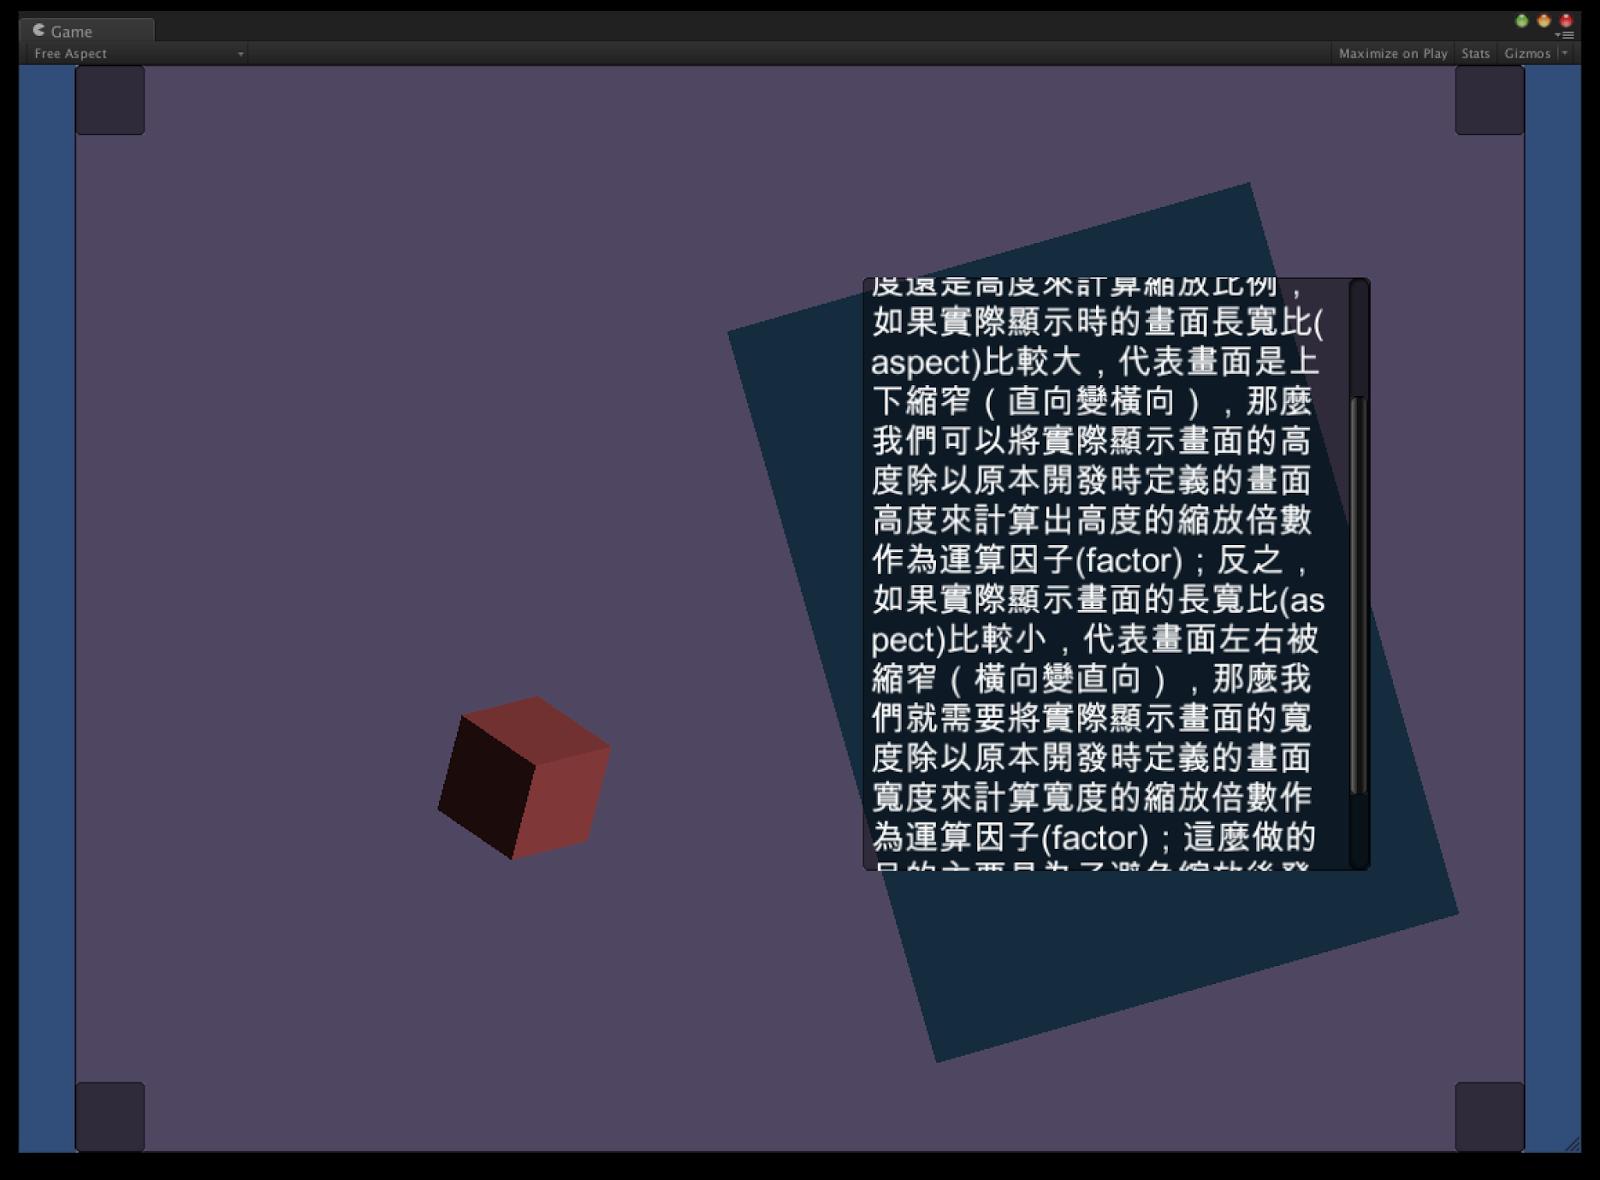 胡亂說‧隨便寫: Unity:應對各種螢幕比例自動調整畫面縮放及位置